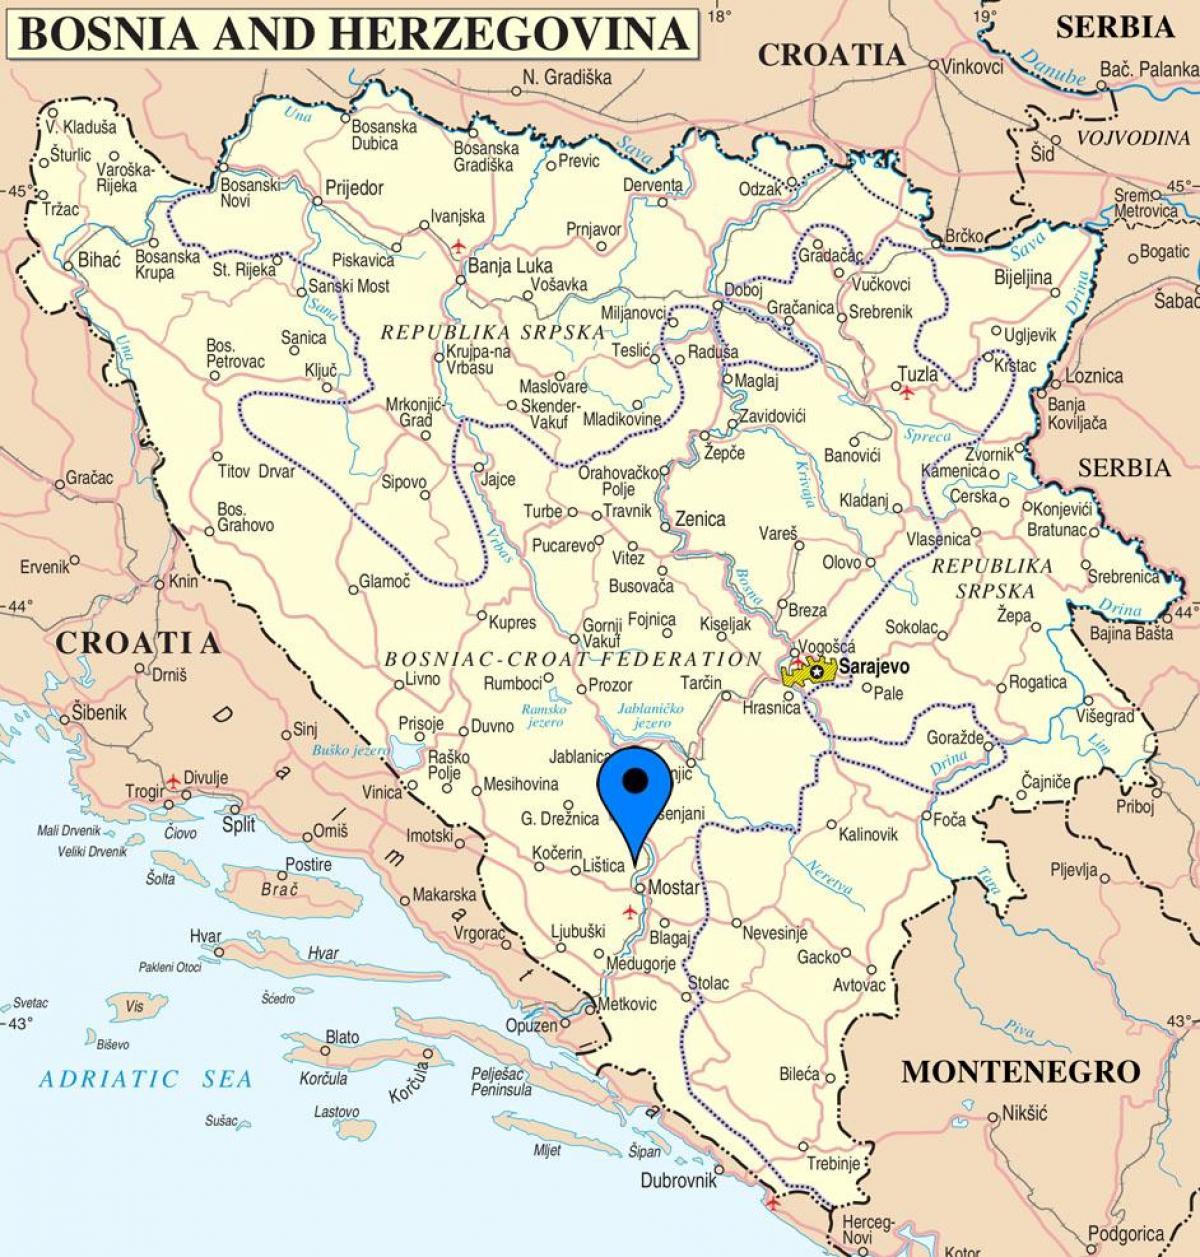 bosnia kart Mostar i Bosnia kart   Kart over mostar i Bosnia Hercegovina (Sør  bosnia kart